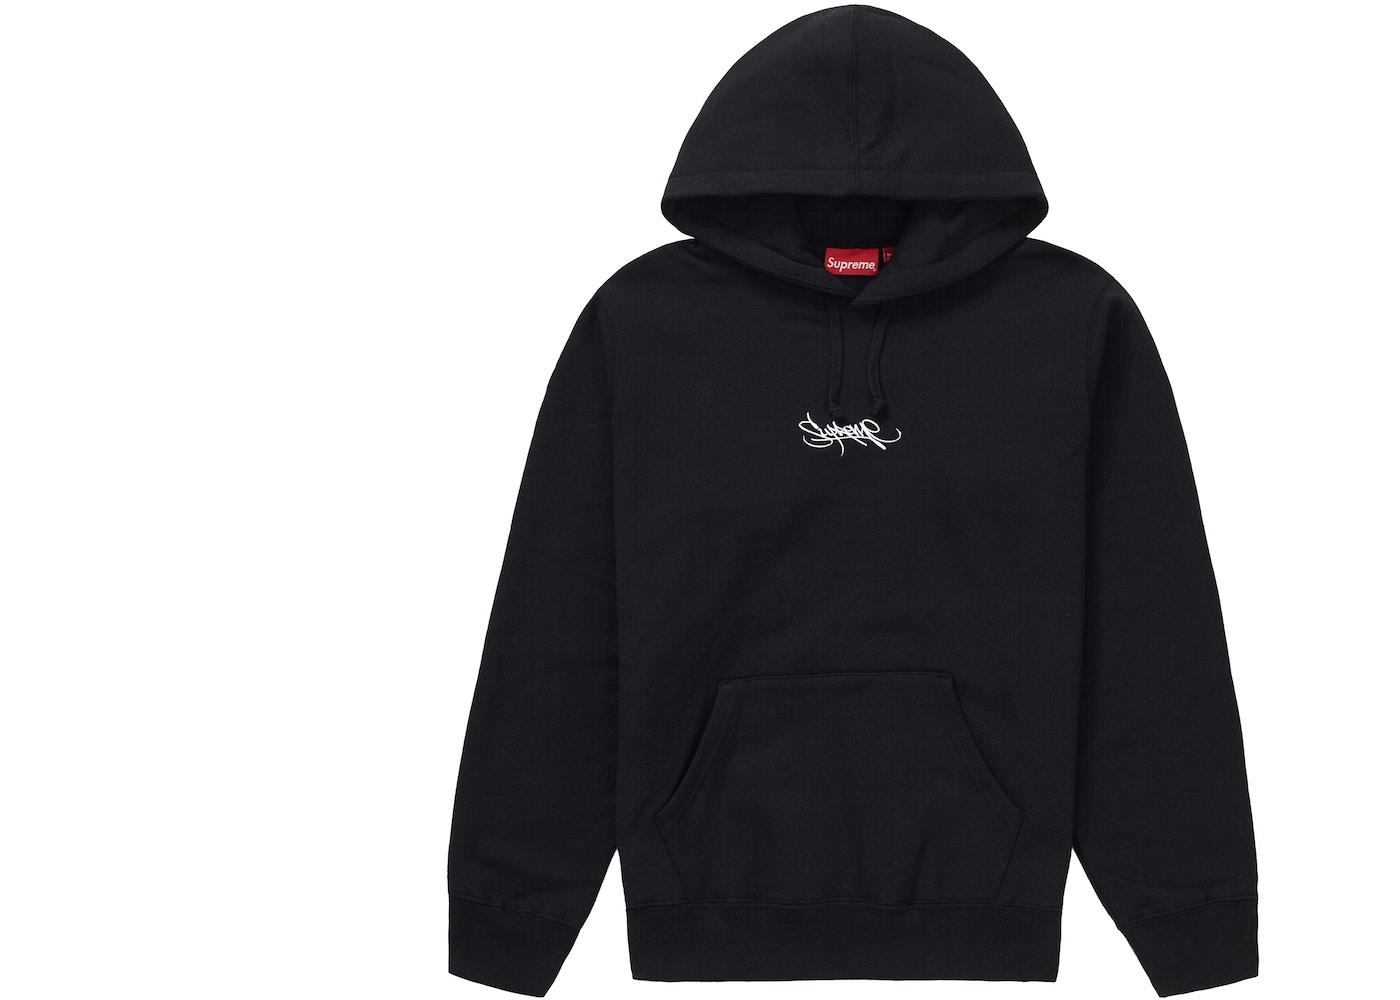 78dc94ffa Supreme Tag Logo Hooded Sweatshirt Black - SS19